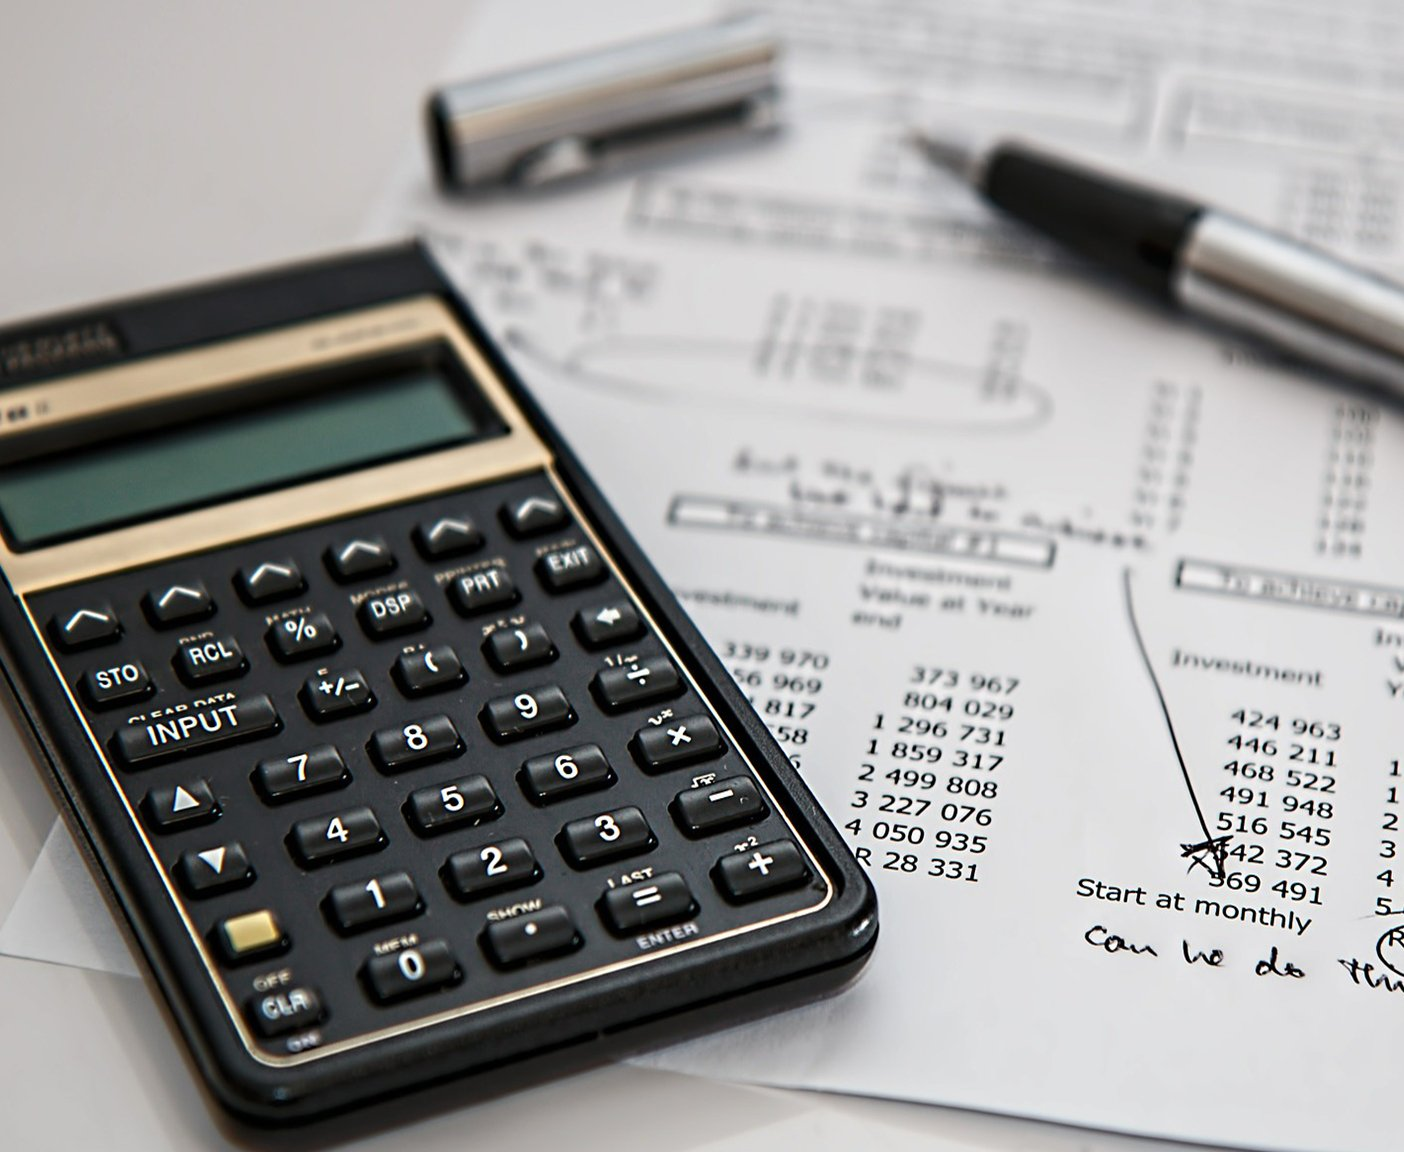 Taschenrechner, Buchhaltung, Kugelschreiber